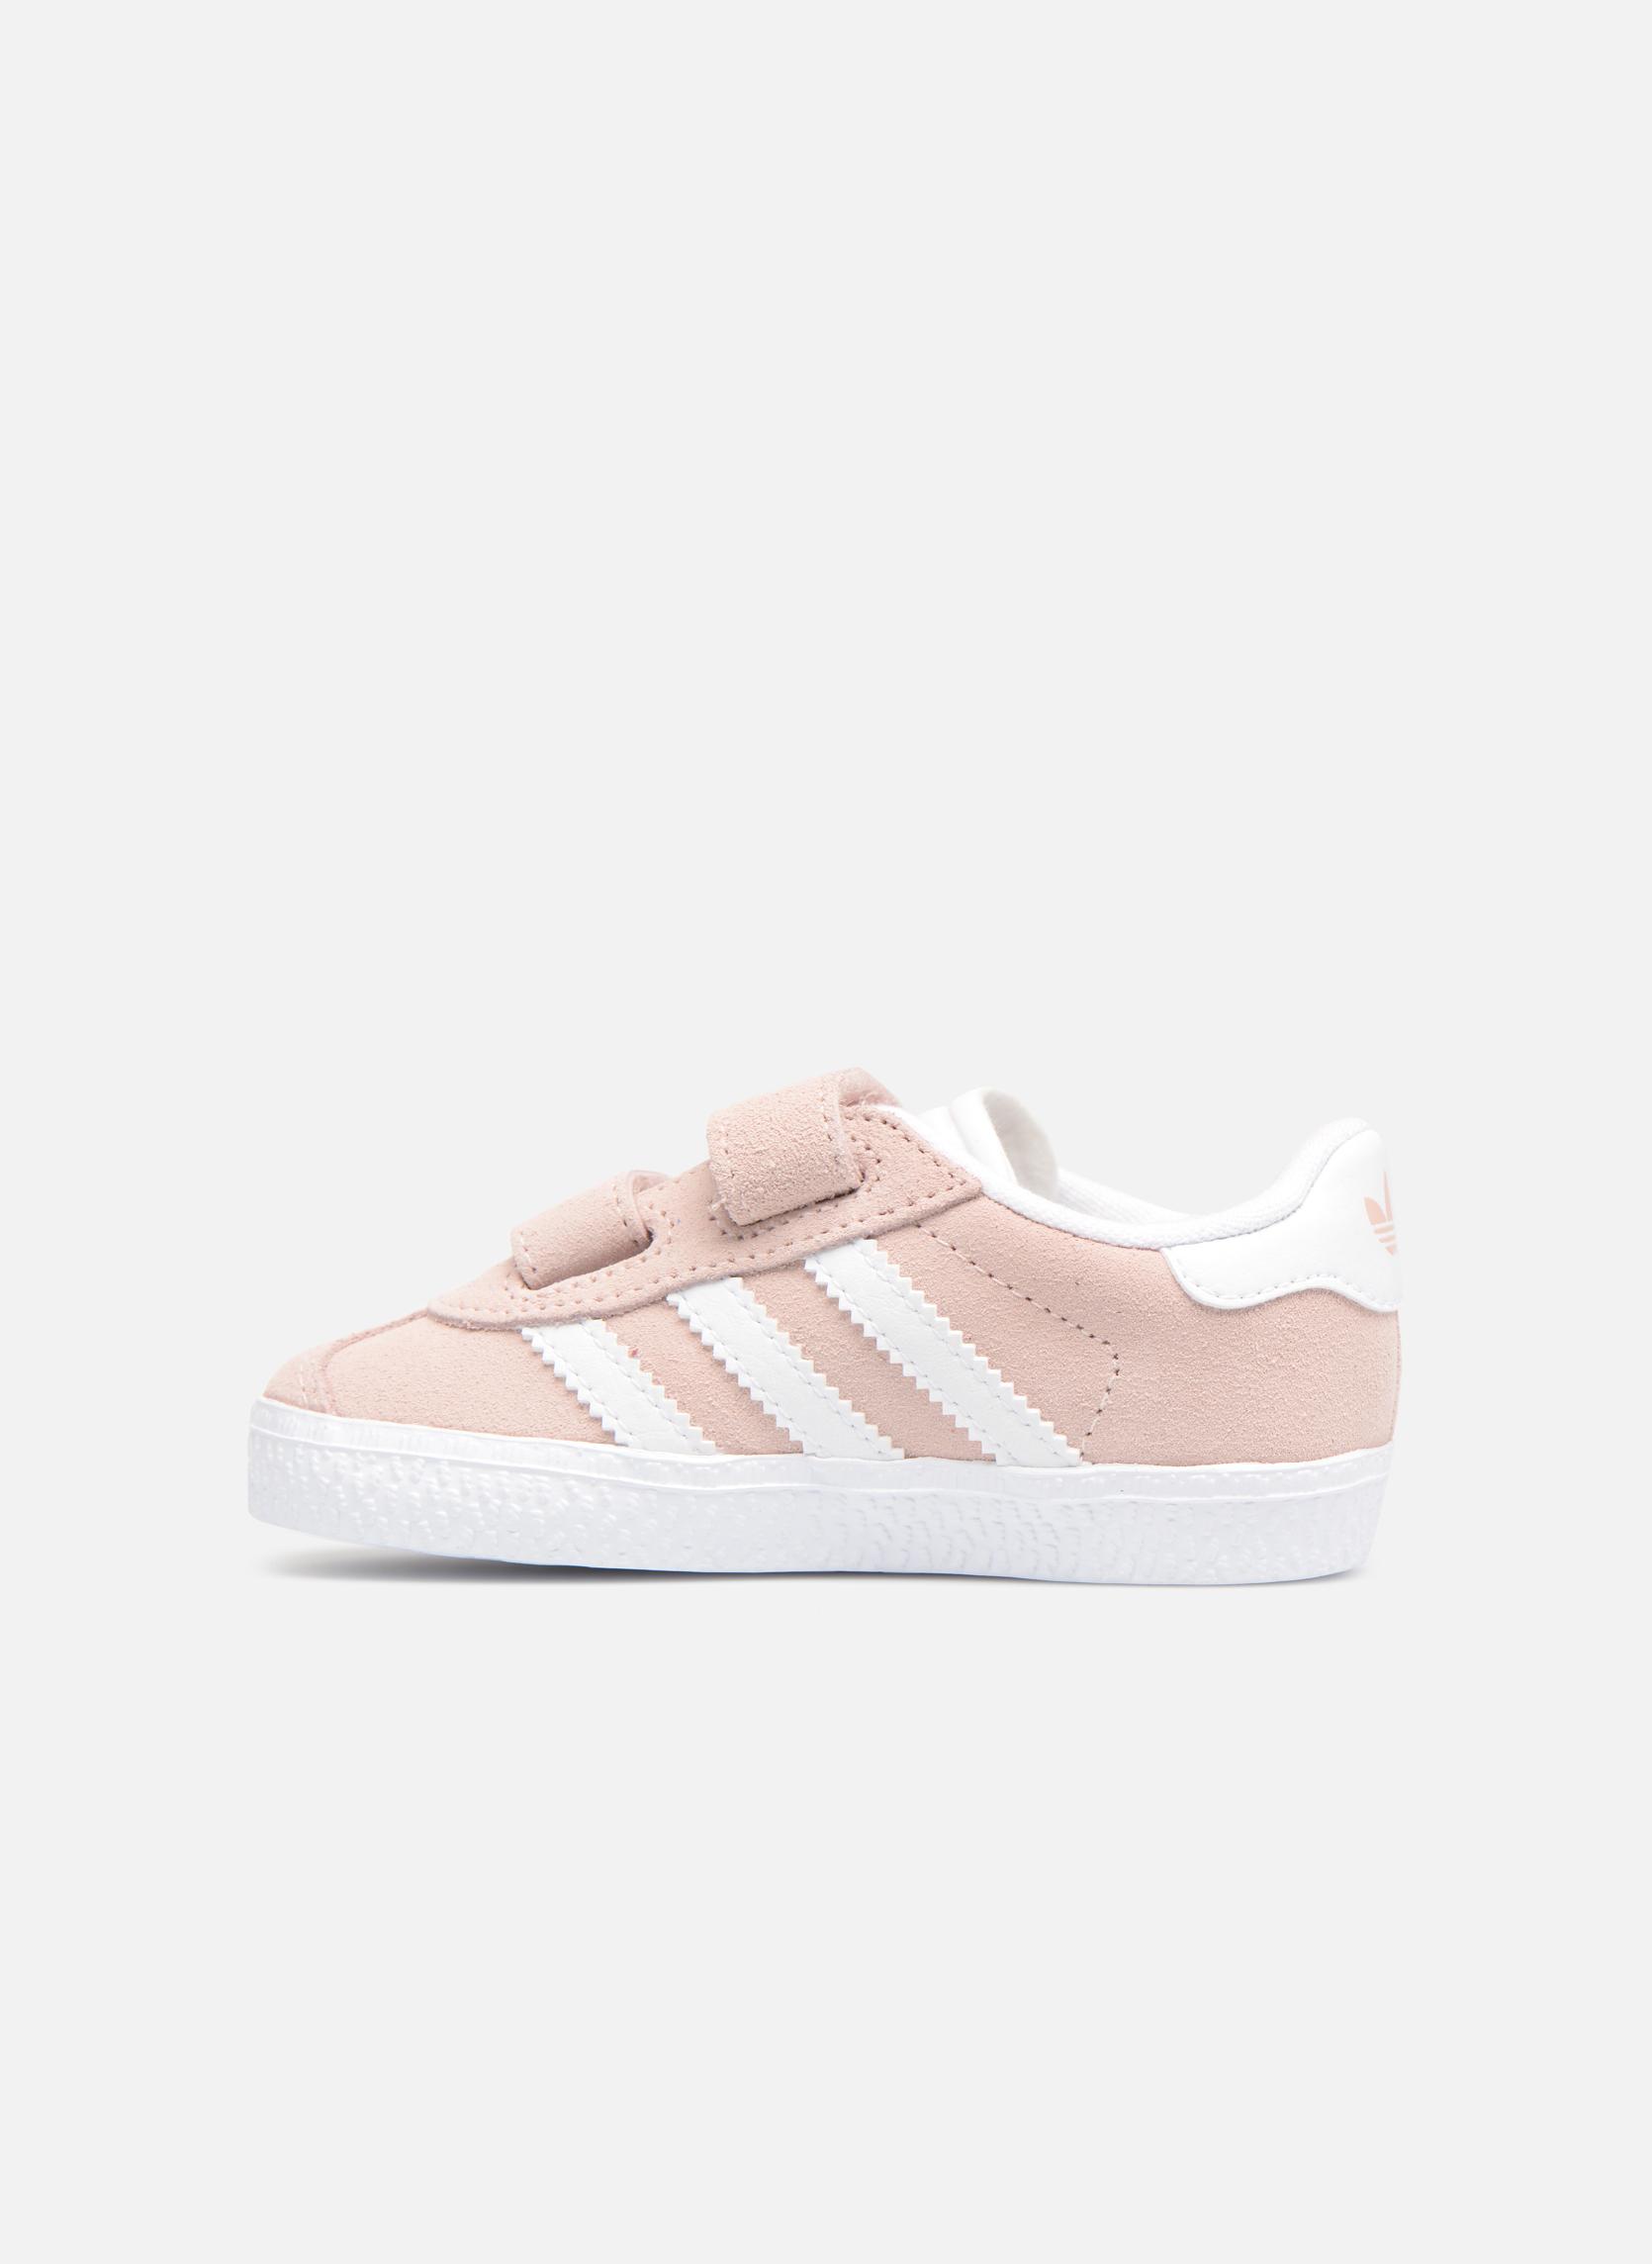 Bdidas (rosa) Originals Gazelle Cf I (rosa) Bdidas -Gutes Preis-Leistungs-Verhältnis, es lohnt sich,Boutique-4287 b8e3f2